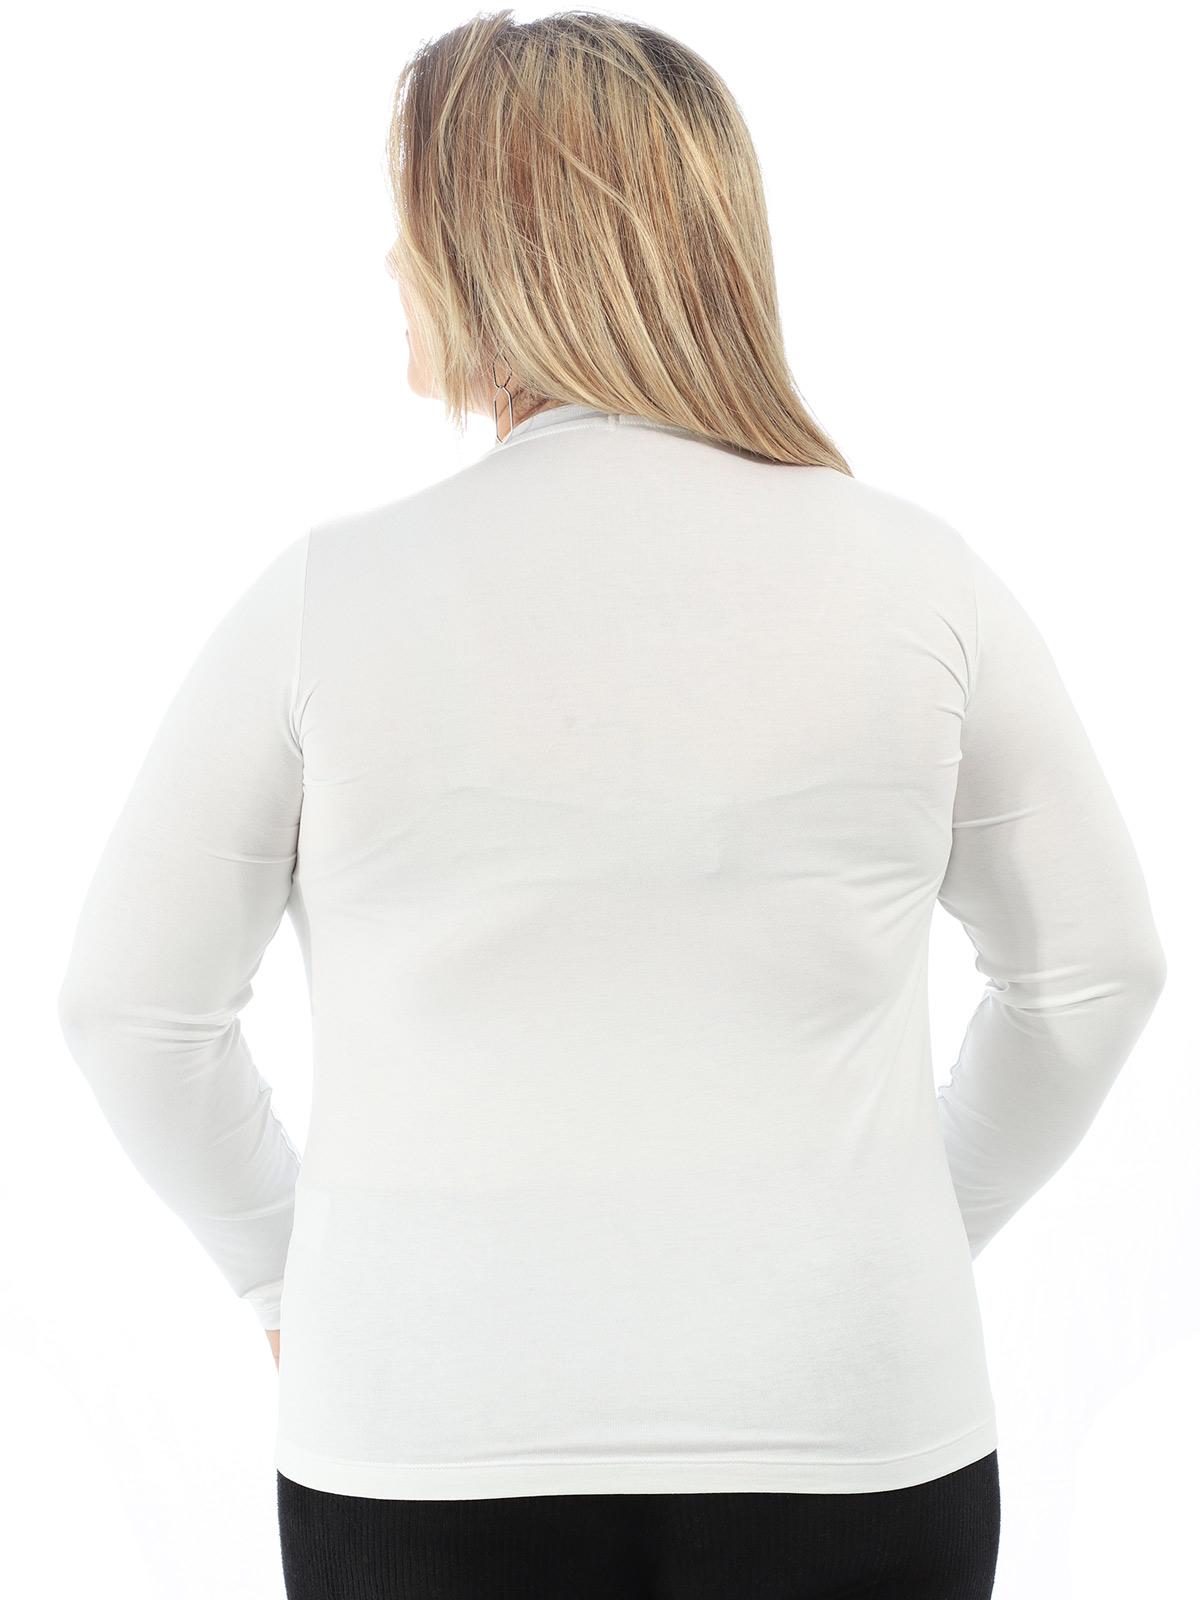 Blusa Feminina Plus Size Decote V. Manga Longa Branco